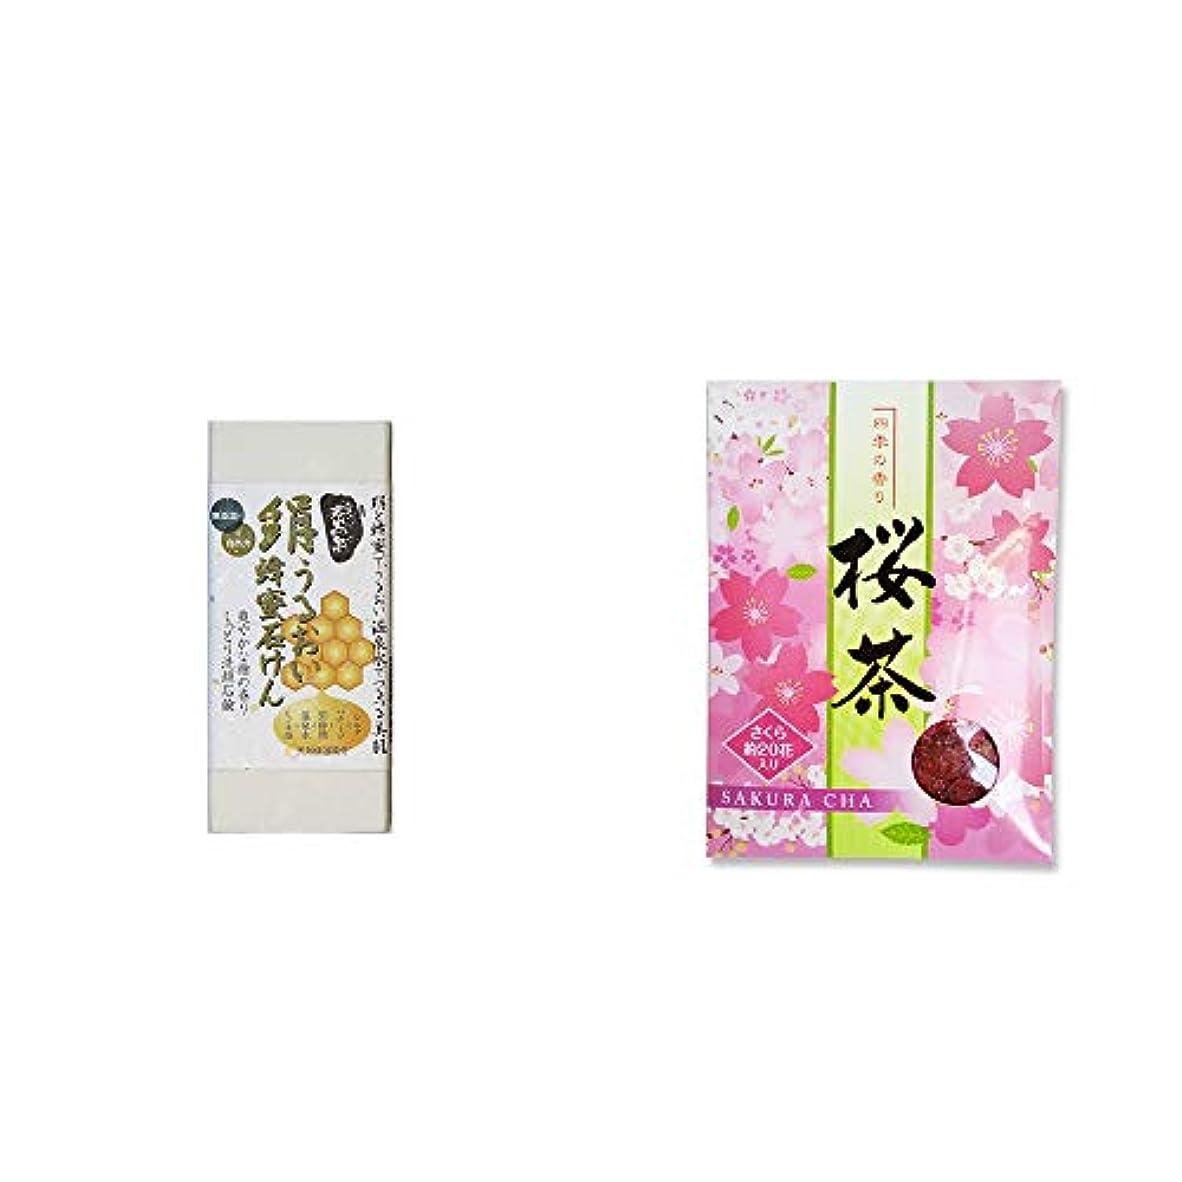 オーバードロー繰り返す枢機卿[2点セット] ひのき炭黒泉 絹うるおい蜂蜜石けん(75g×2)?桜茶(40g)